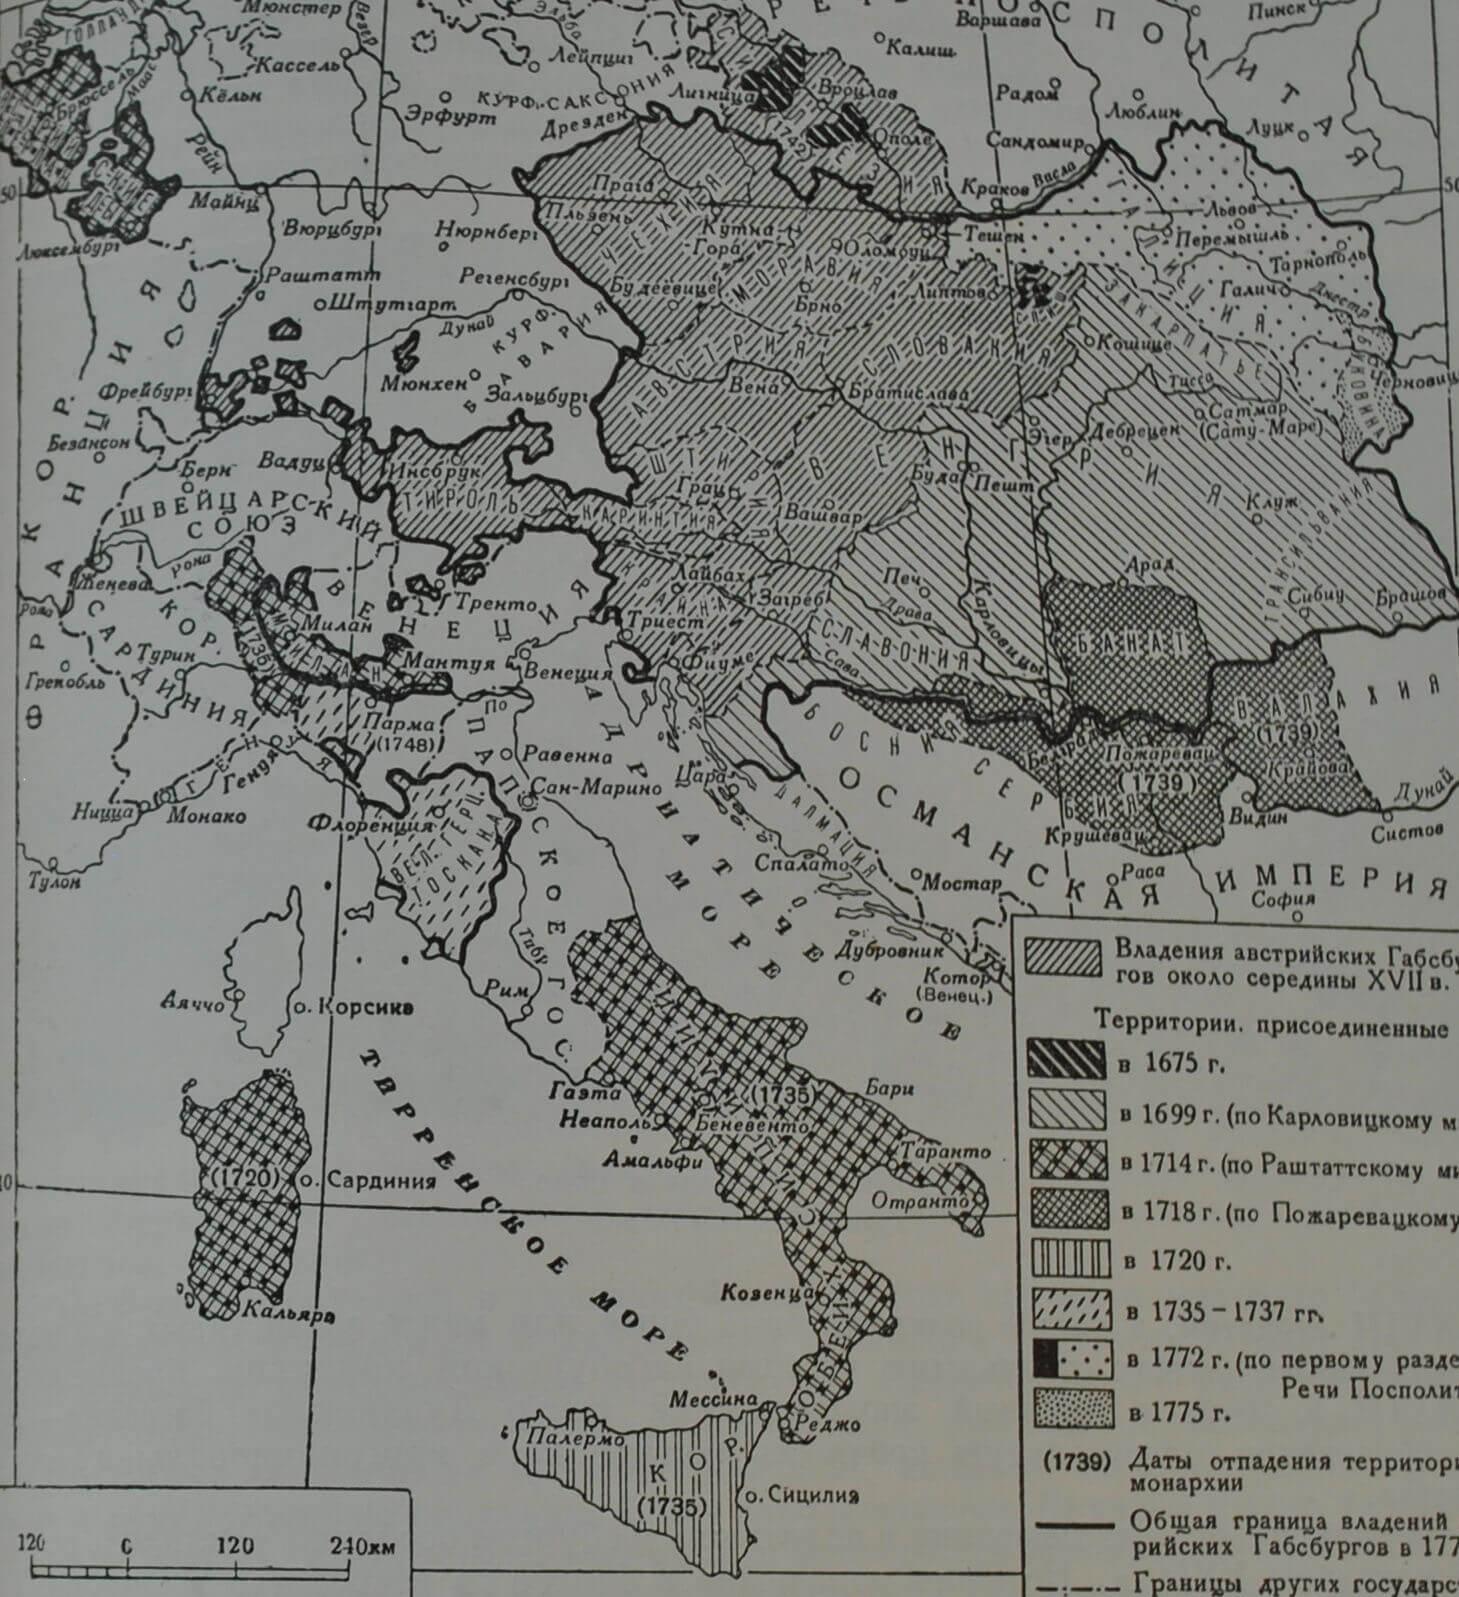 Владения австрийских Габсбургов с середины XVII в. по третью четверть XVIII в.